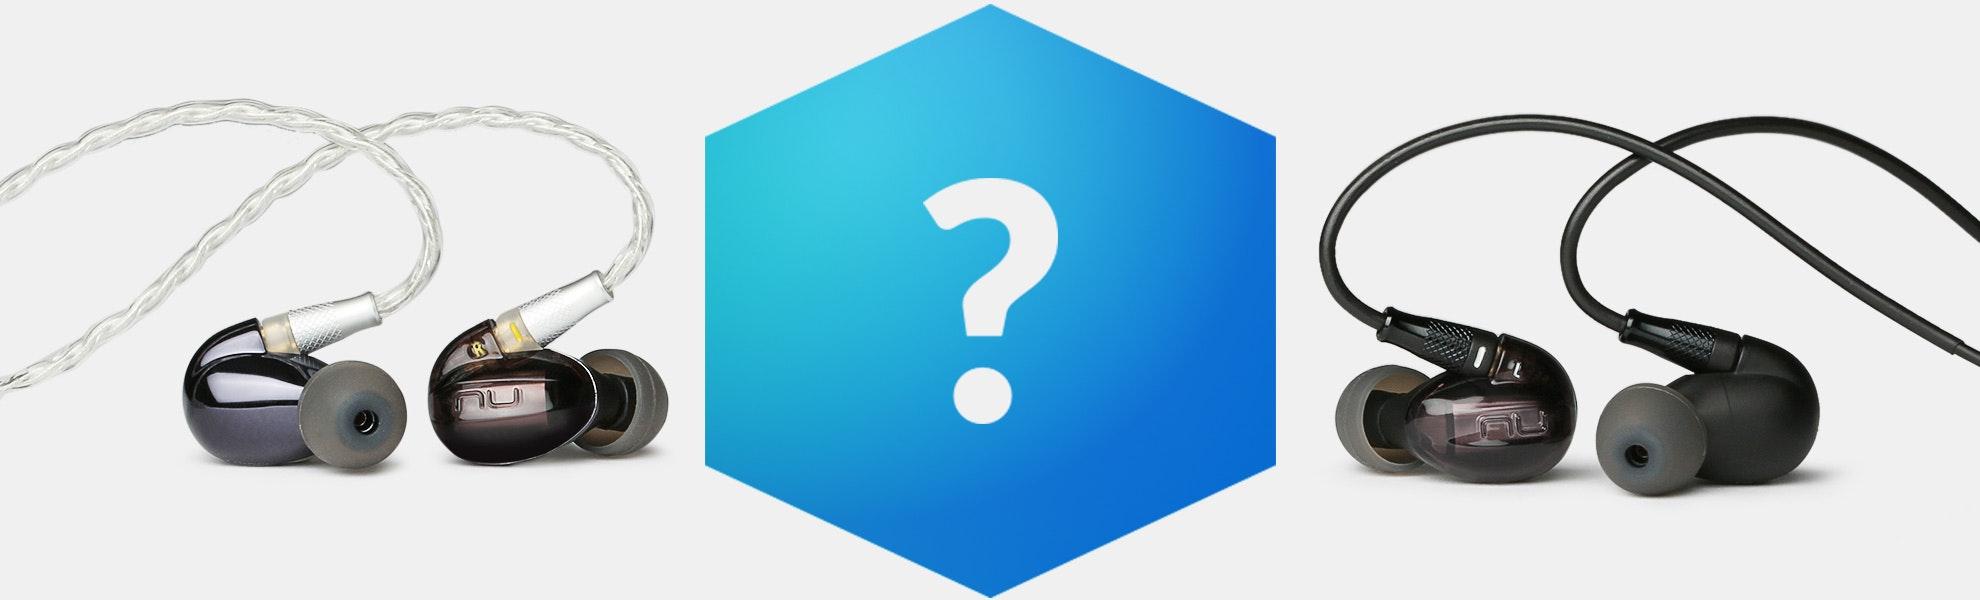 Massdrop Blue Box: NuForce HEM IEMs